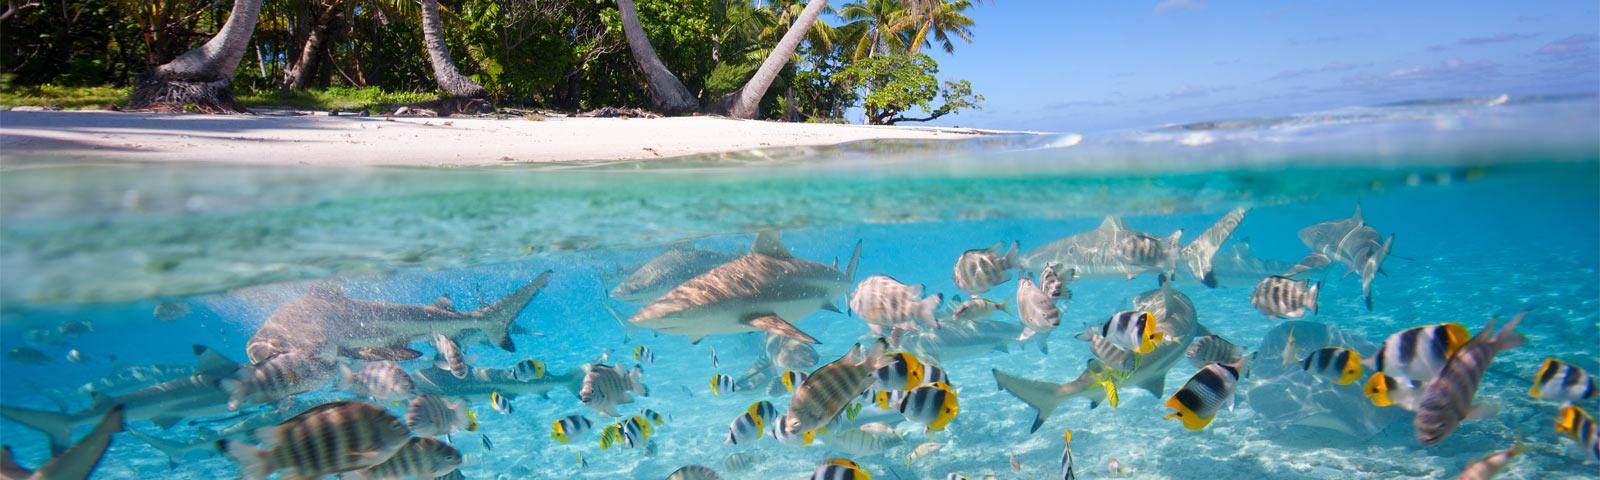 Luxury Maldives Holidays Amp Luxury Maldives Resorts Elegant